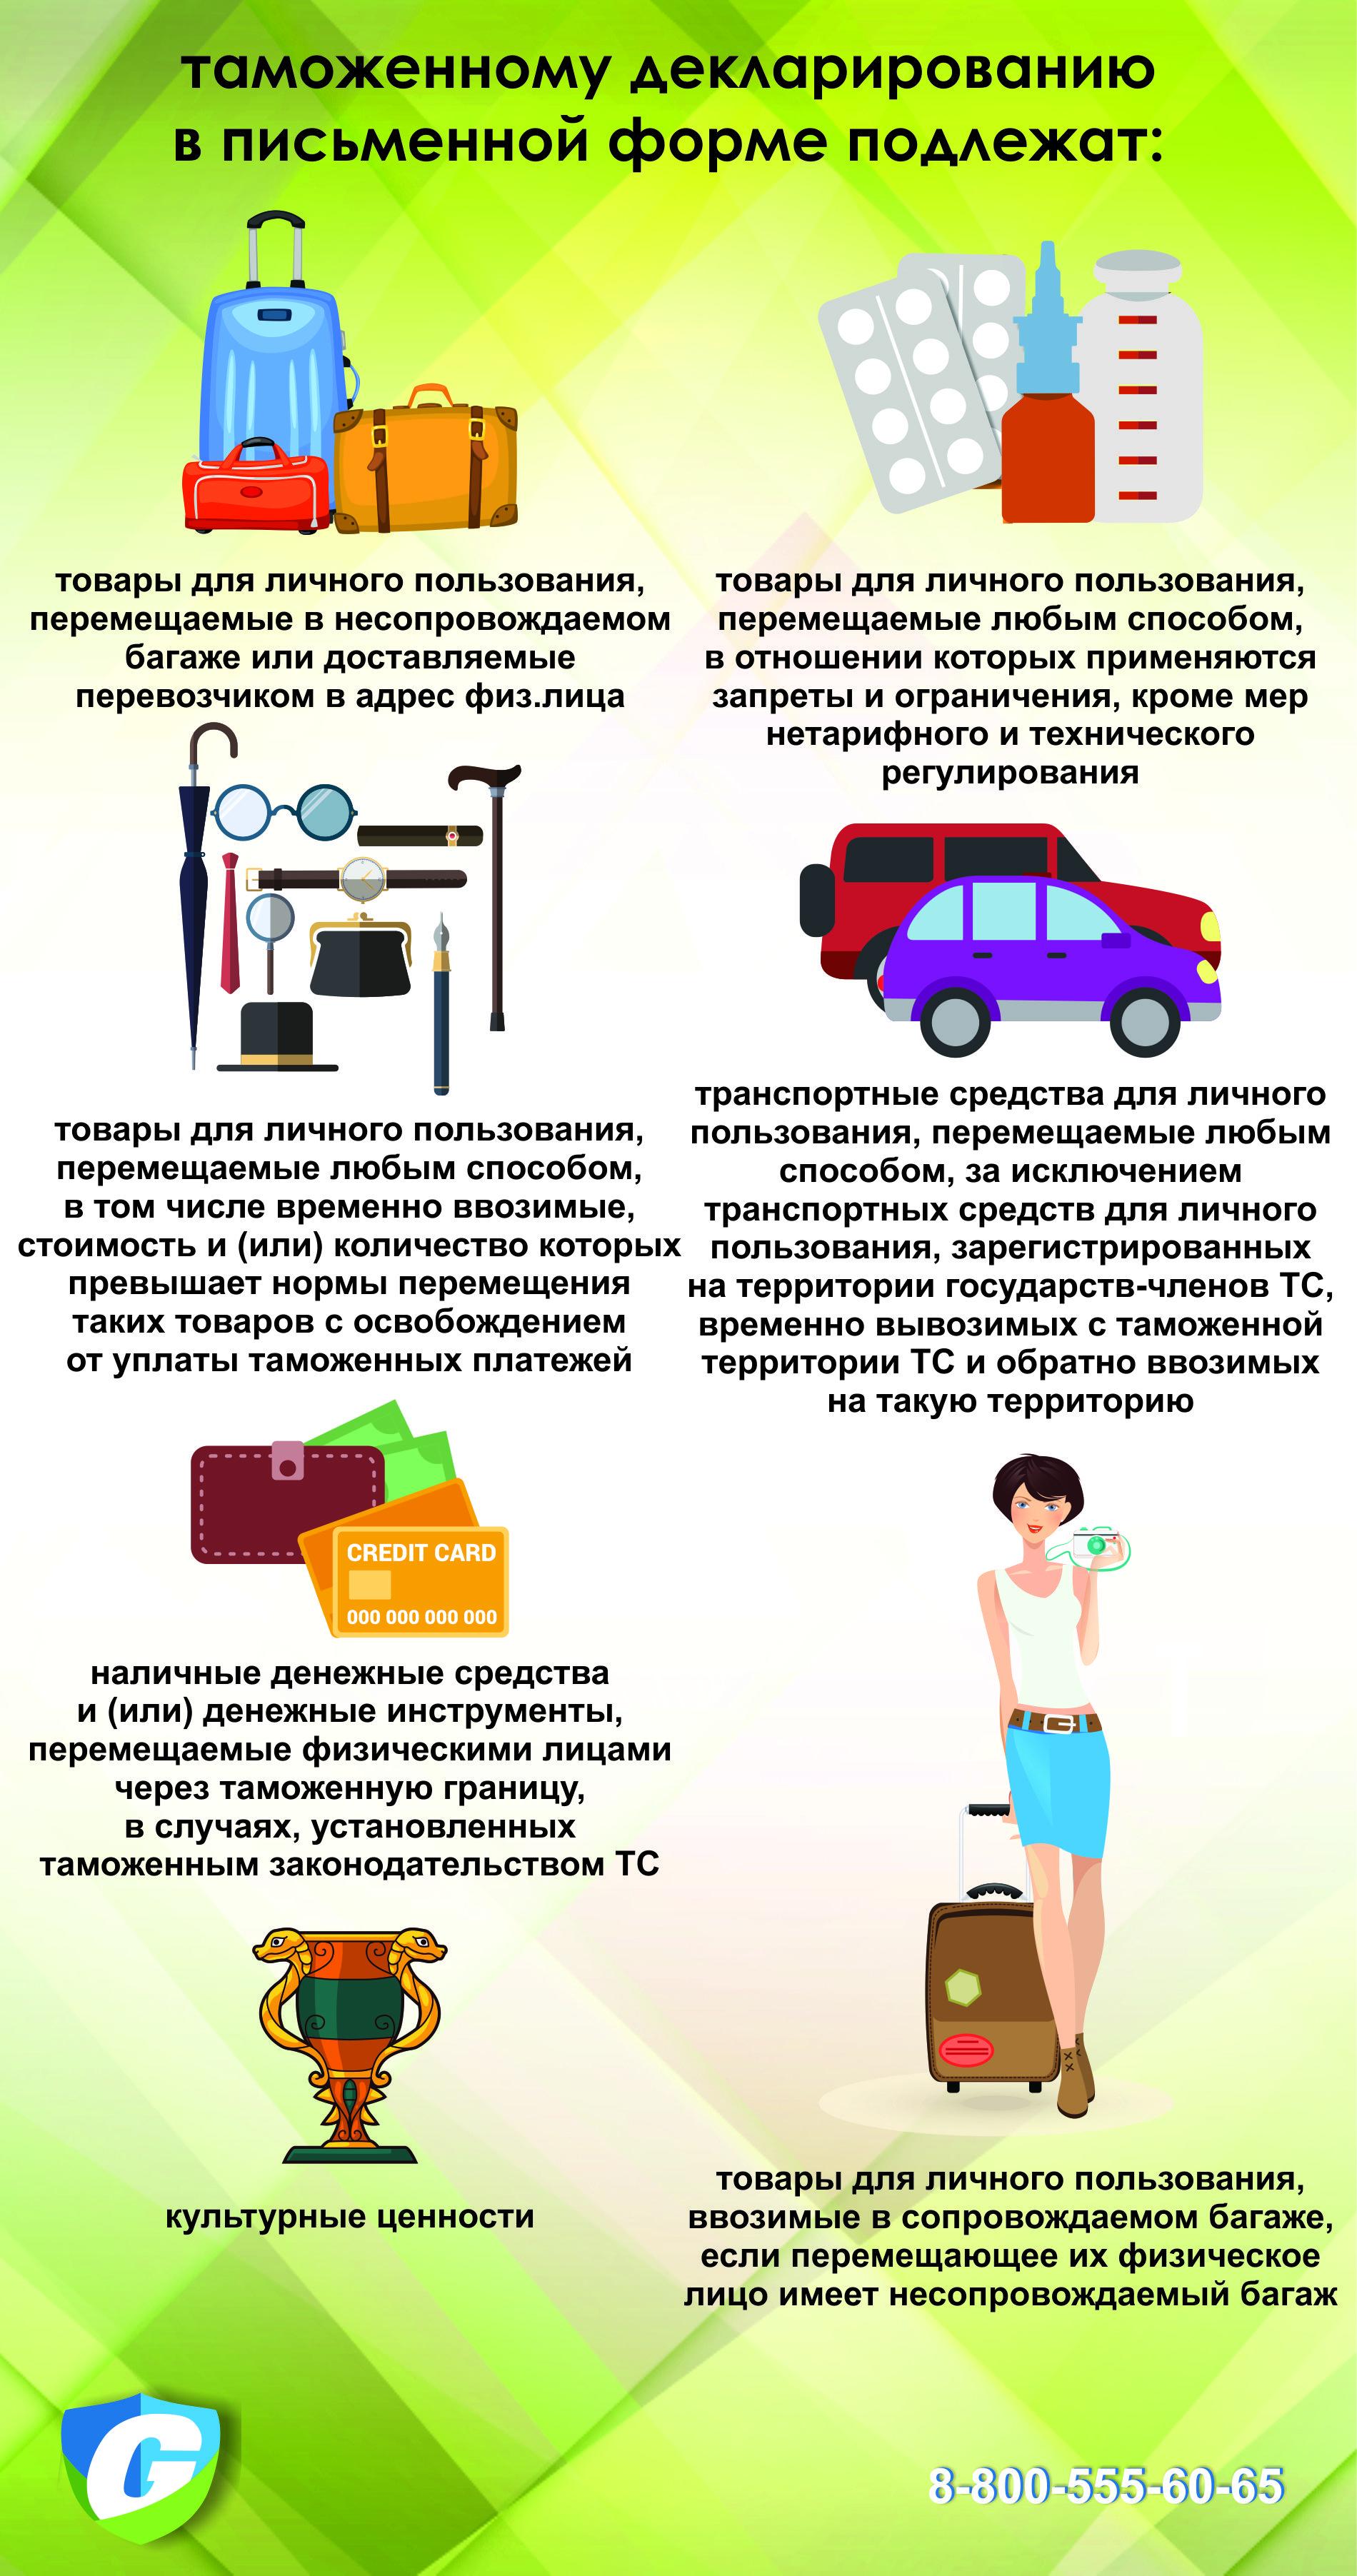 таможенное оформление автомобиля для физических лиц Добрый